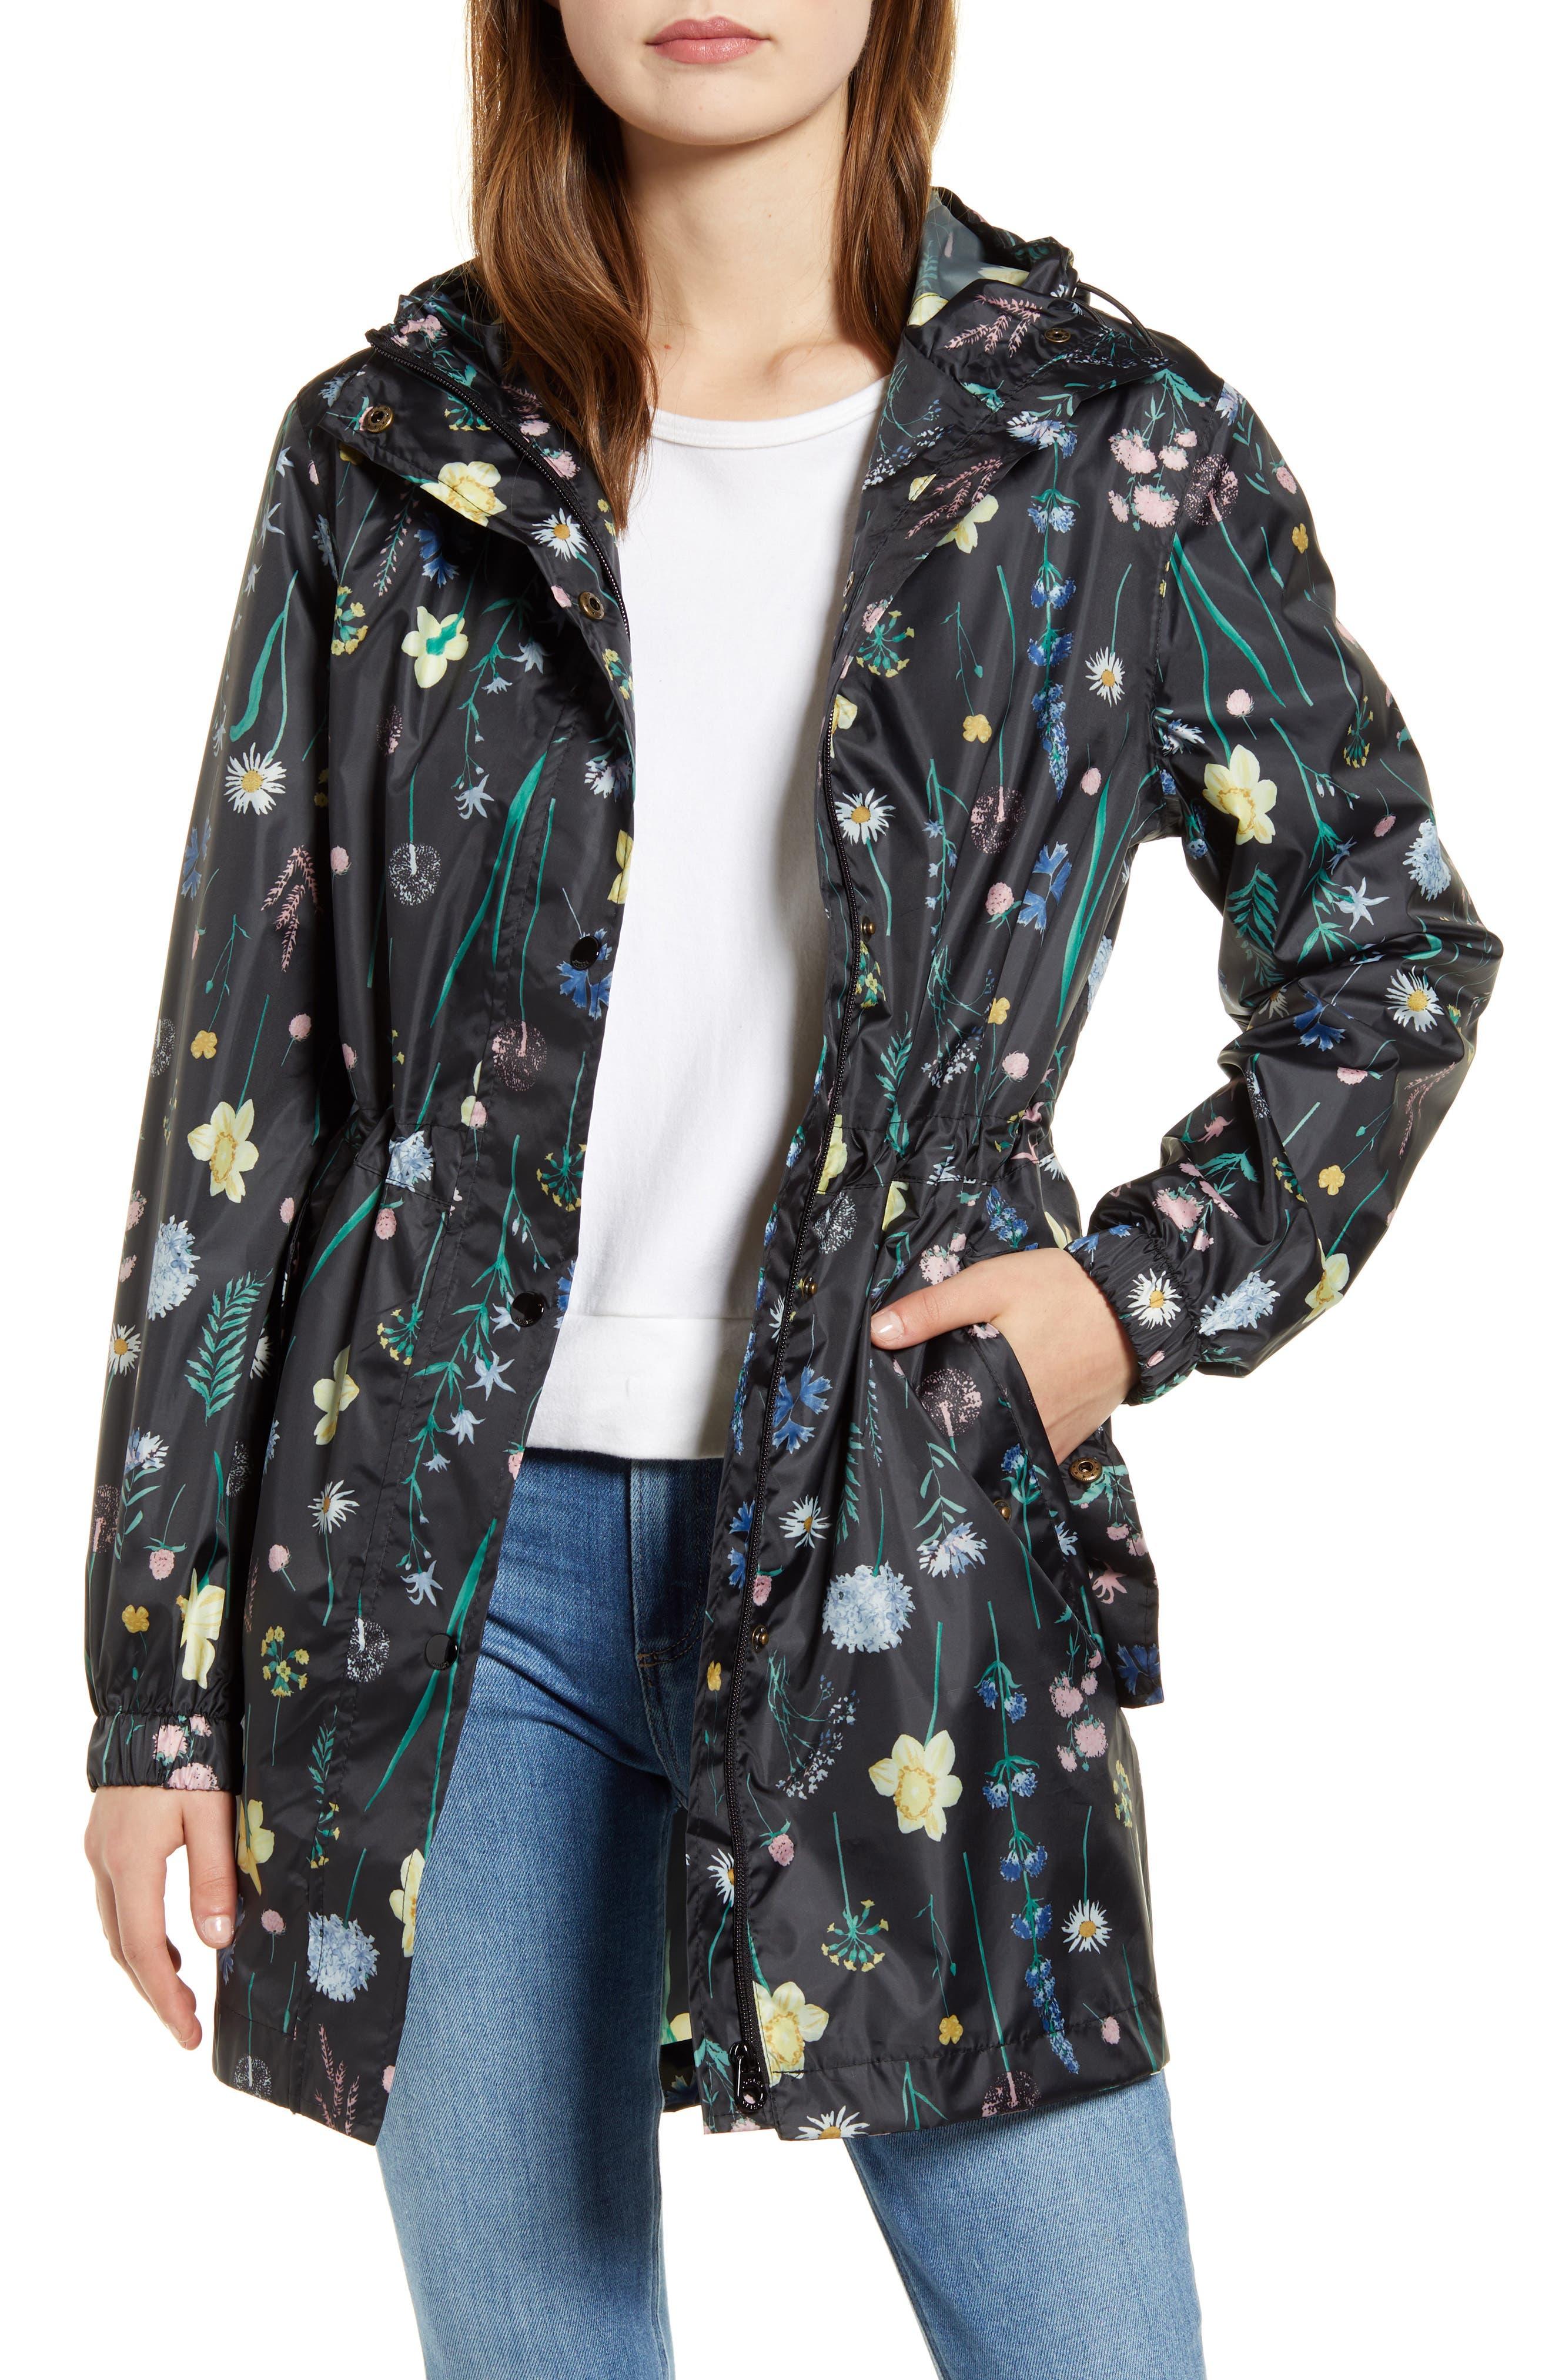 Image of Joules Packable Waterproof Rain Jacket